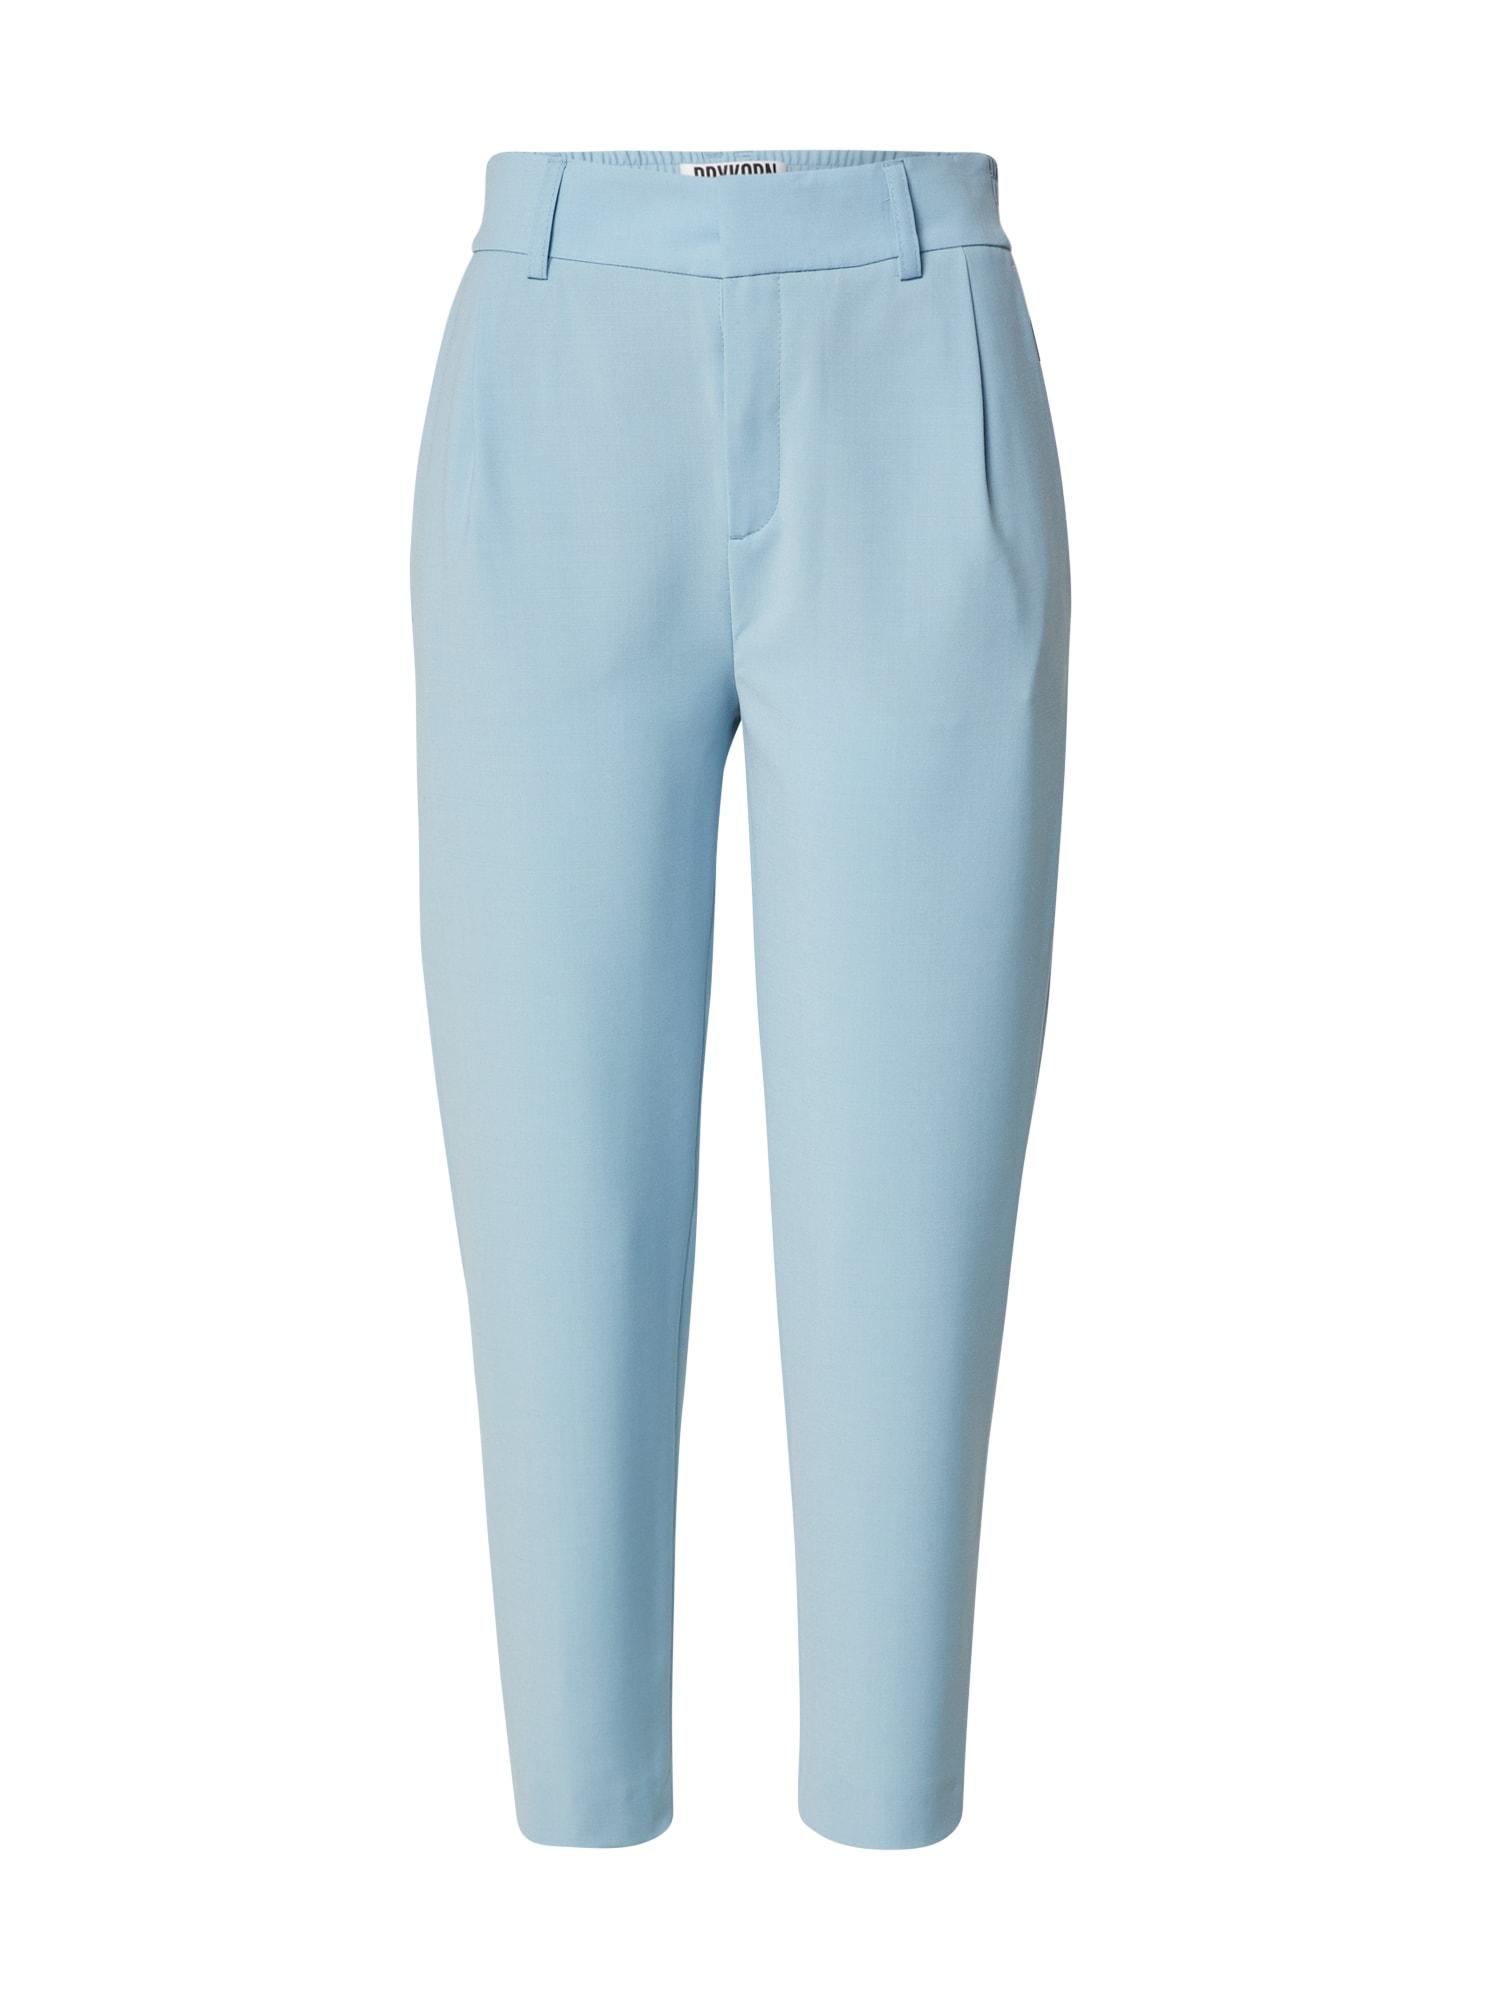 DRYKORN Chino stiliaus kelnės 'FIND' mėlyna